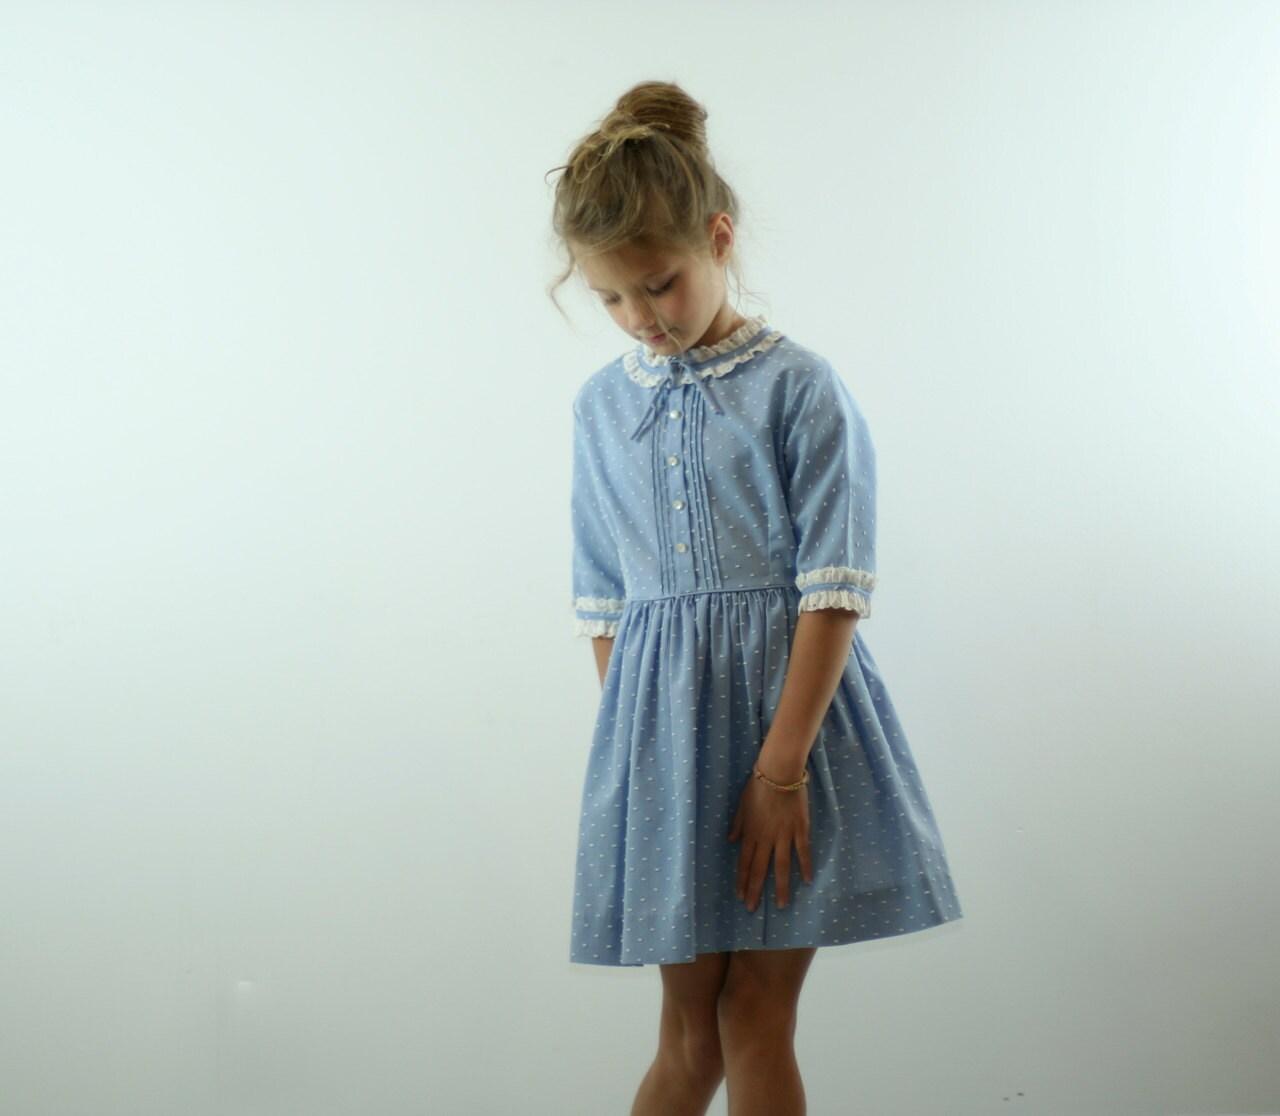 Vintage Dress in Blue 1950s - udaskids